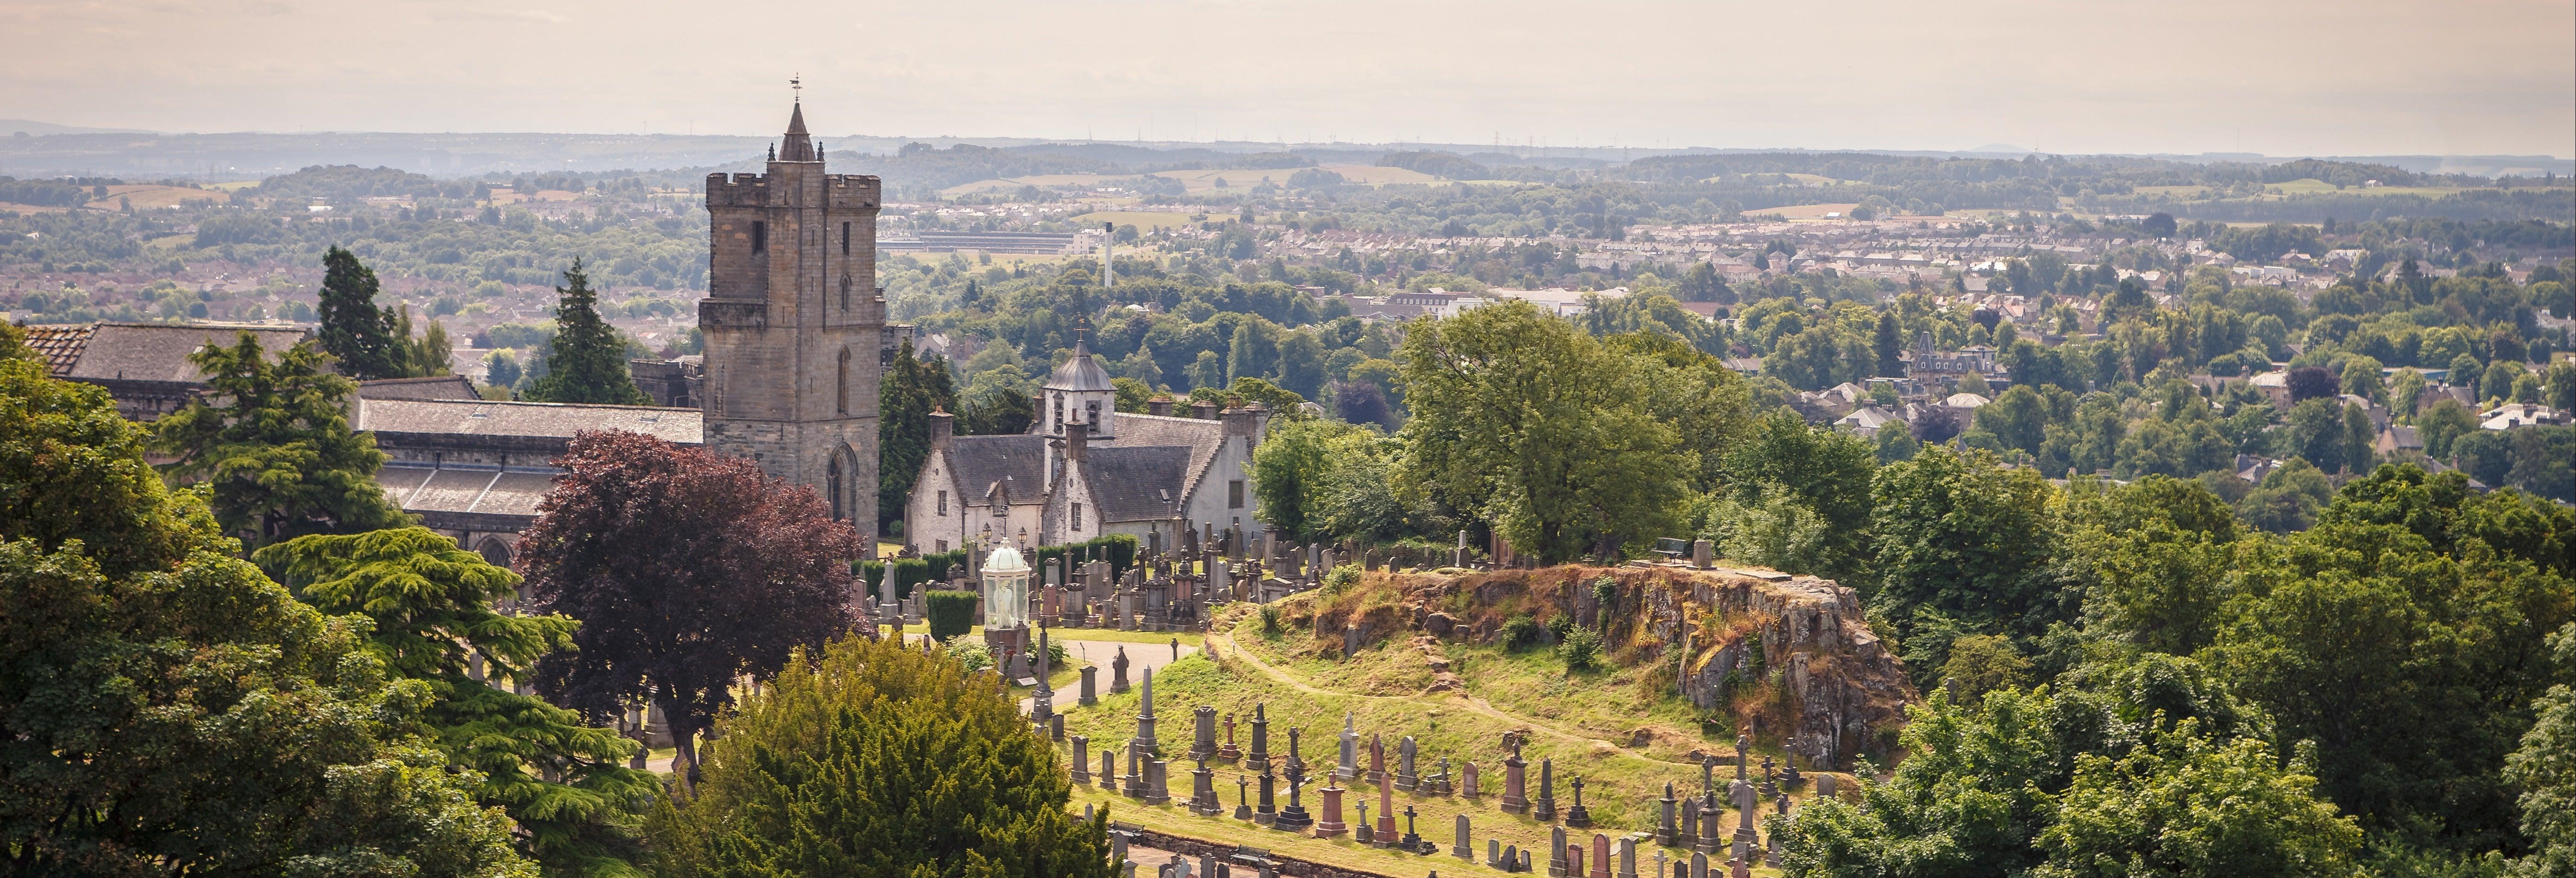 Visita guiada por Stirling